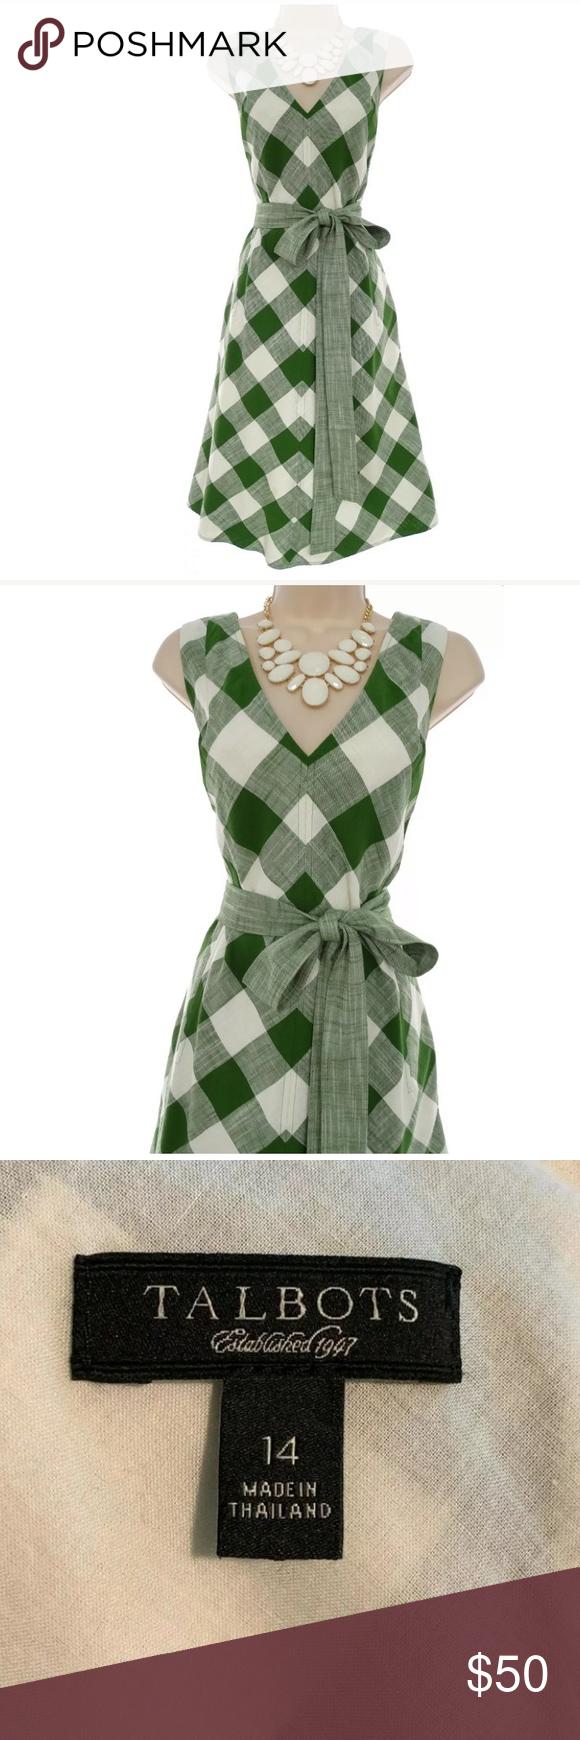 Size 14 Talbots Green Plaid Dress W Tie Pockets Green Plaid Dress Plaid Dress Dresses [ 1740 x 580 Pixel ]